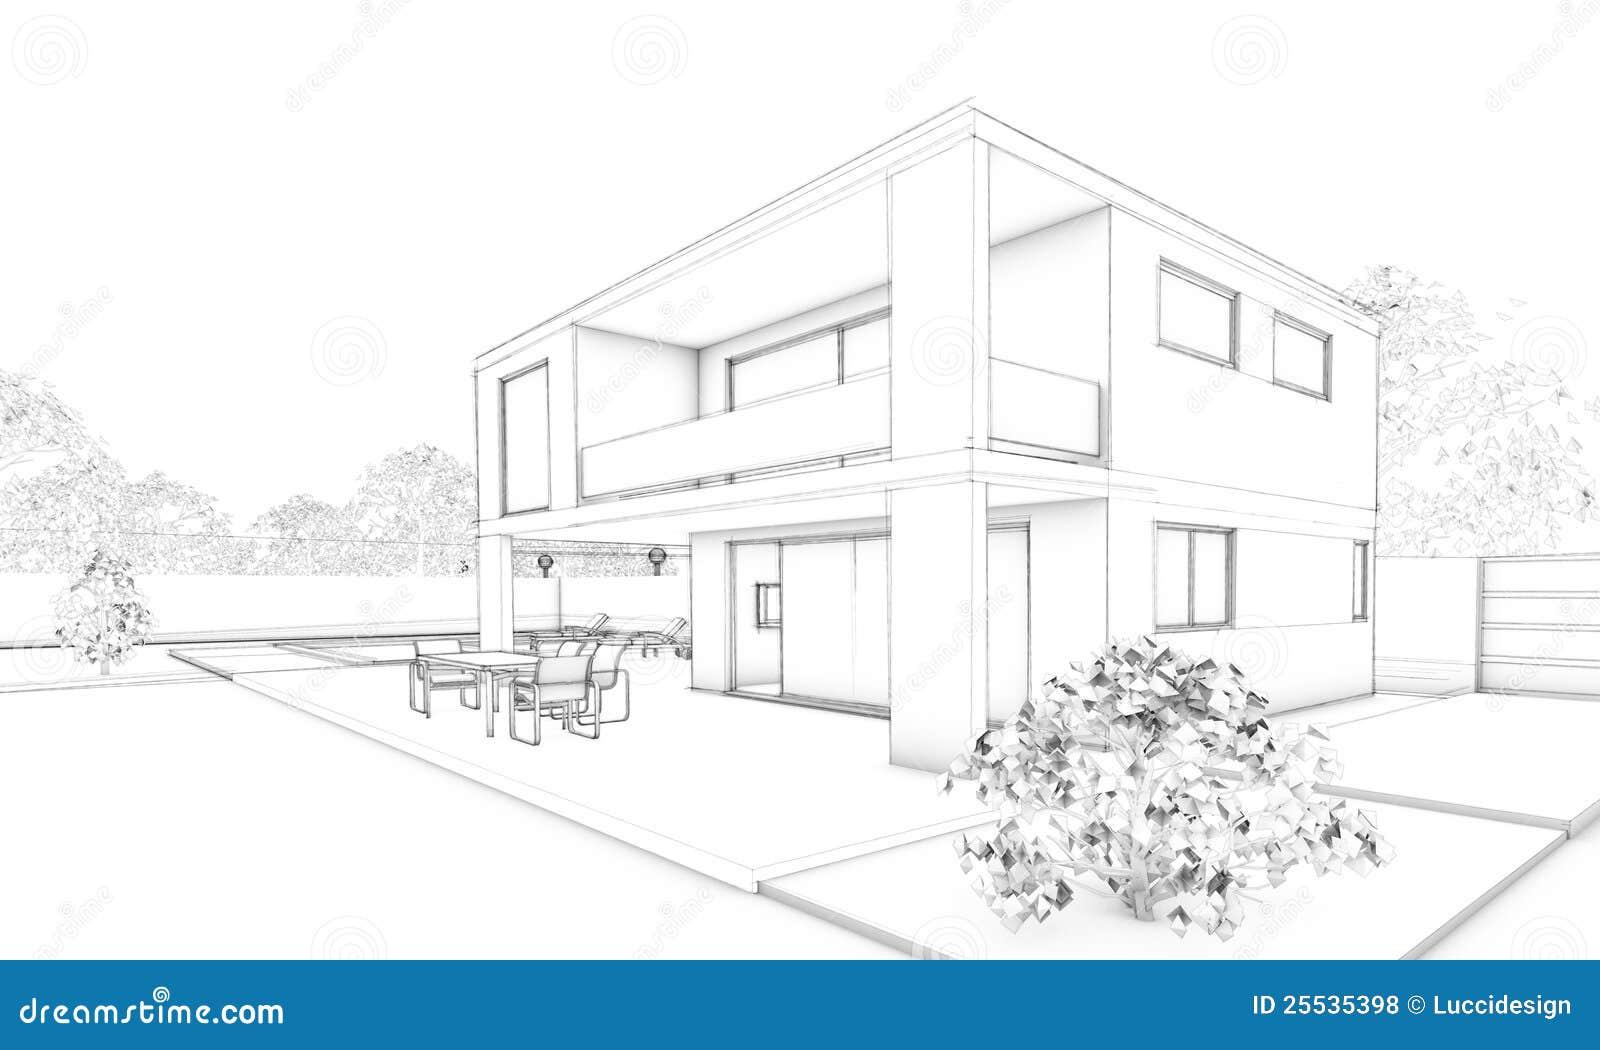 croquis de maison moderne villa terrasse et jardin 25535398